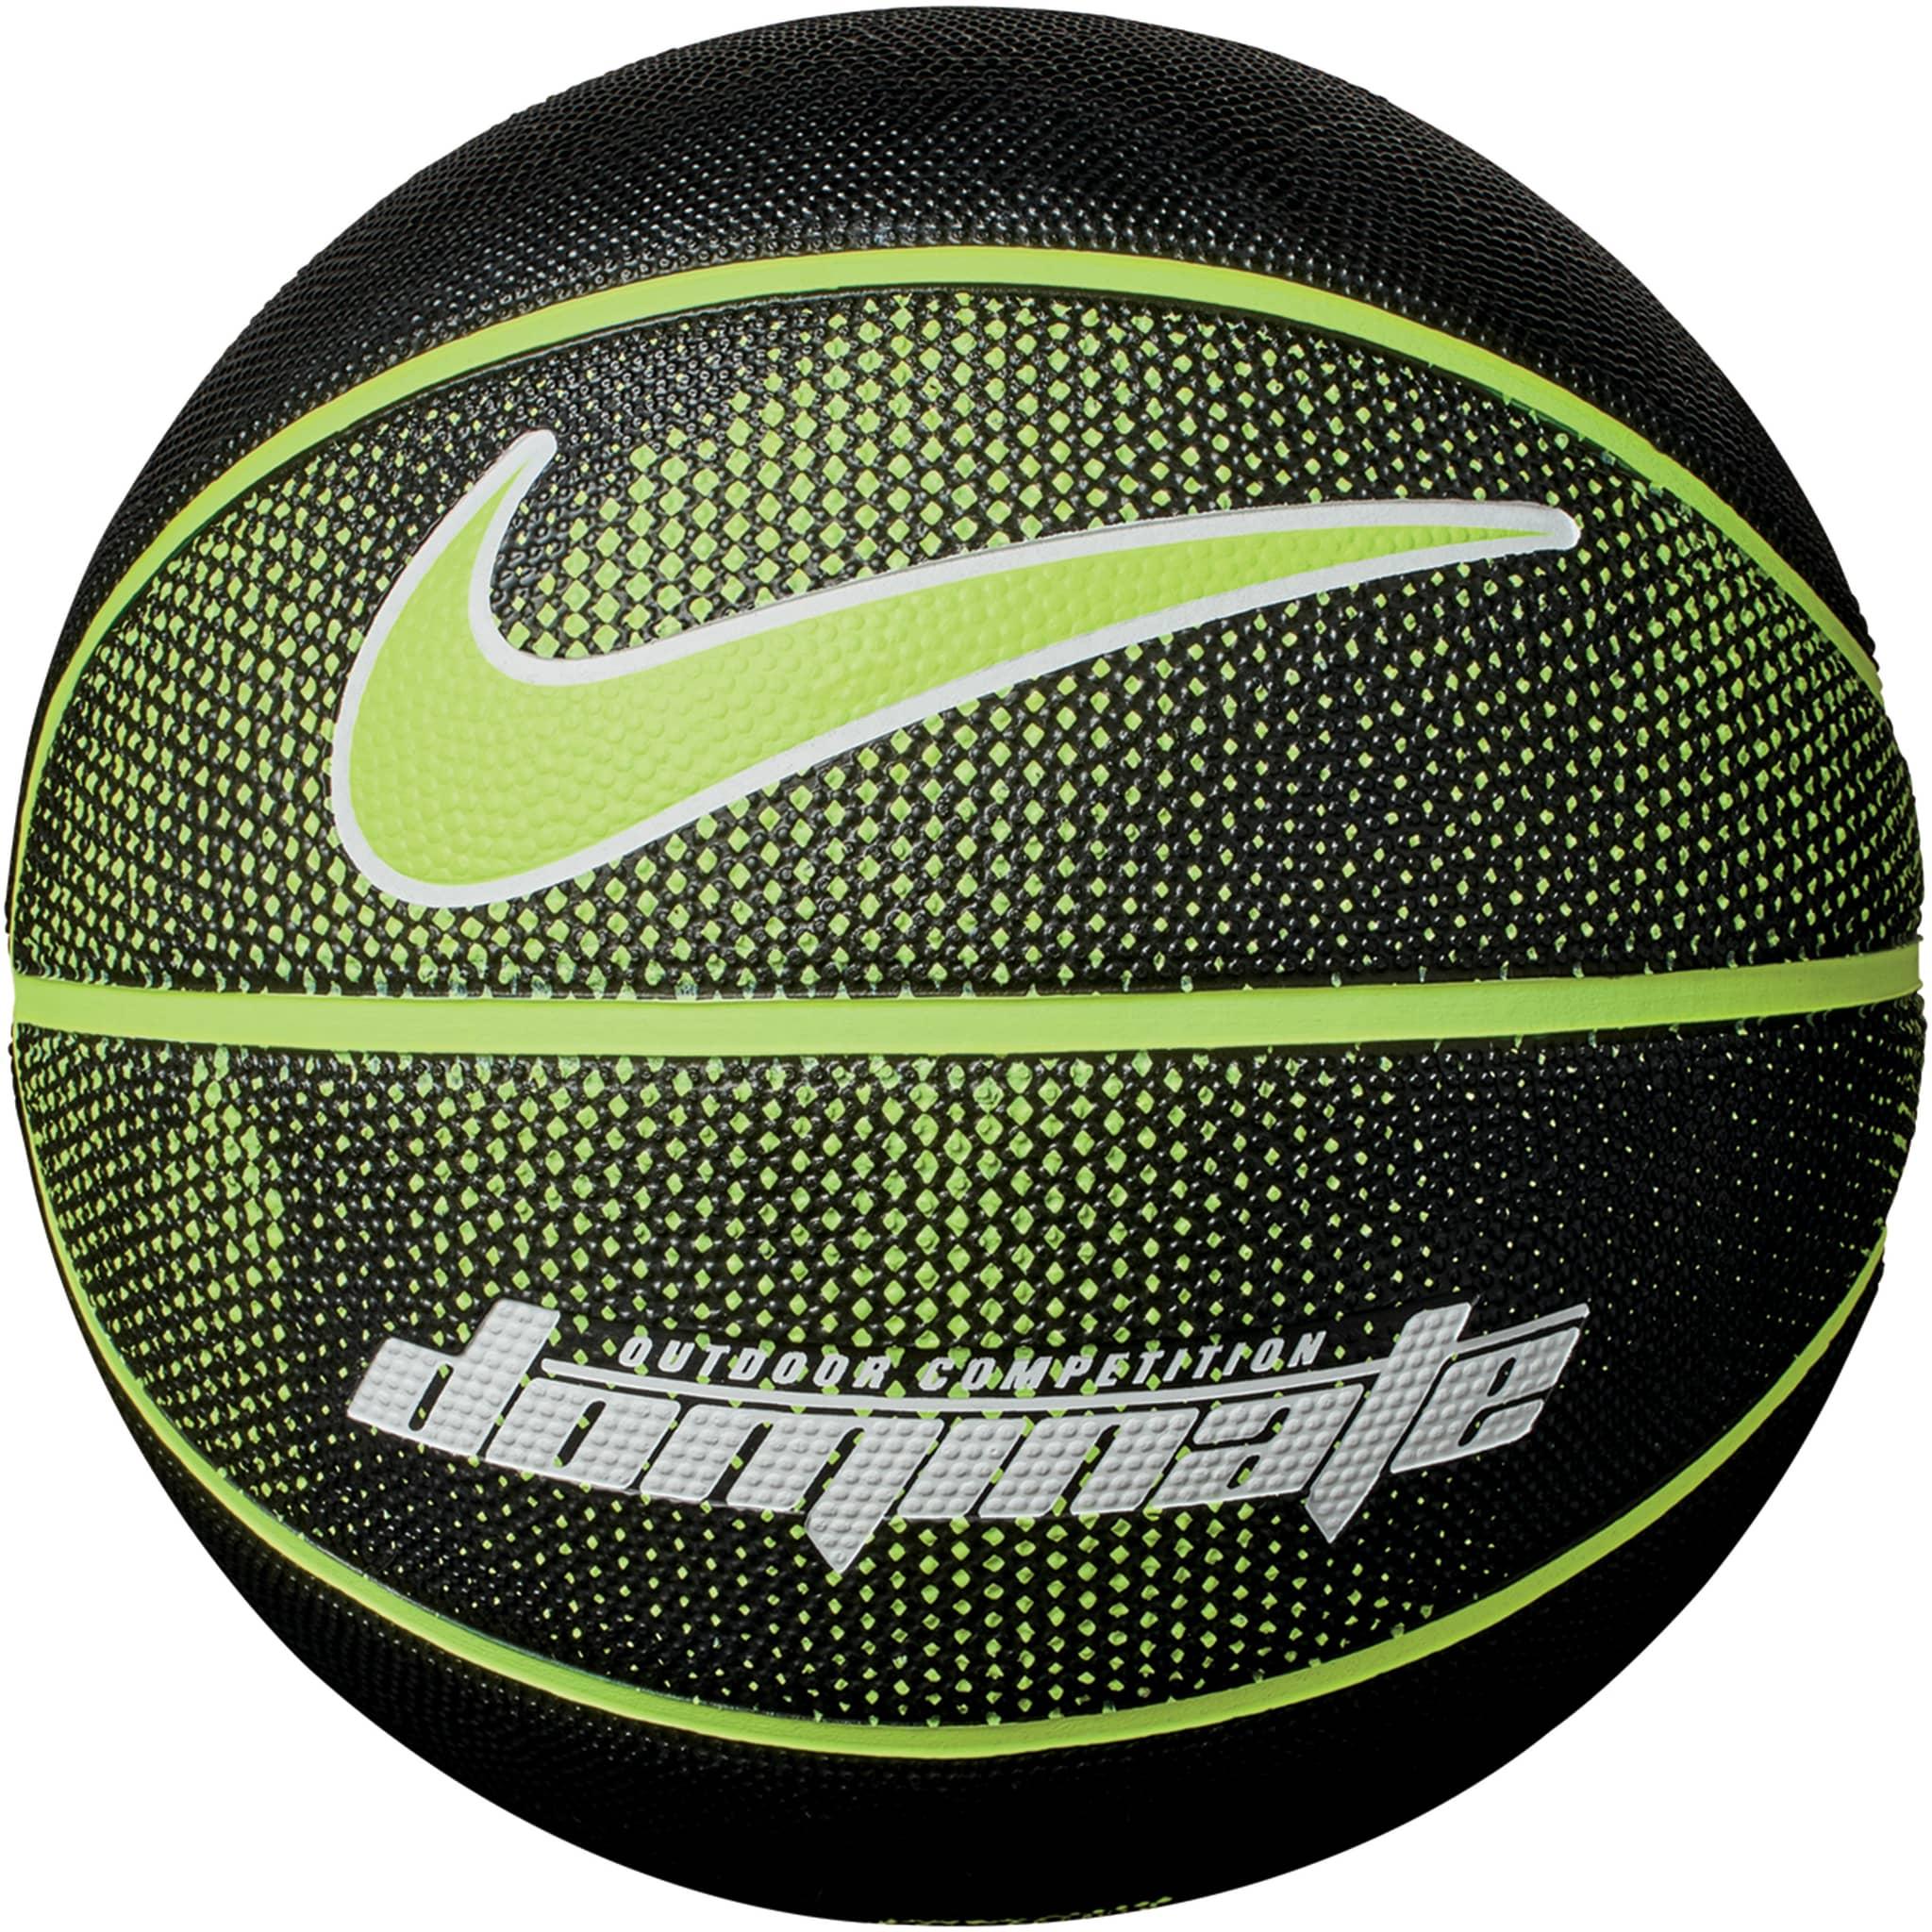 Nike basketball til utendørs bruk